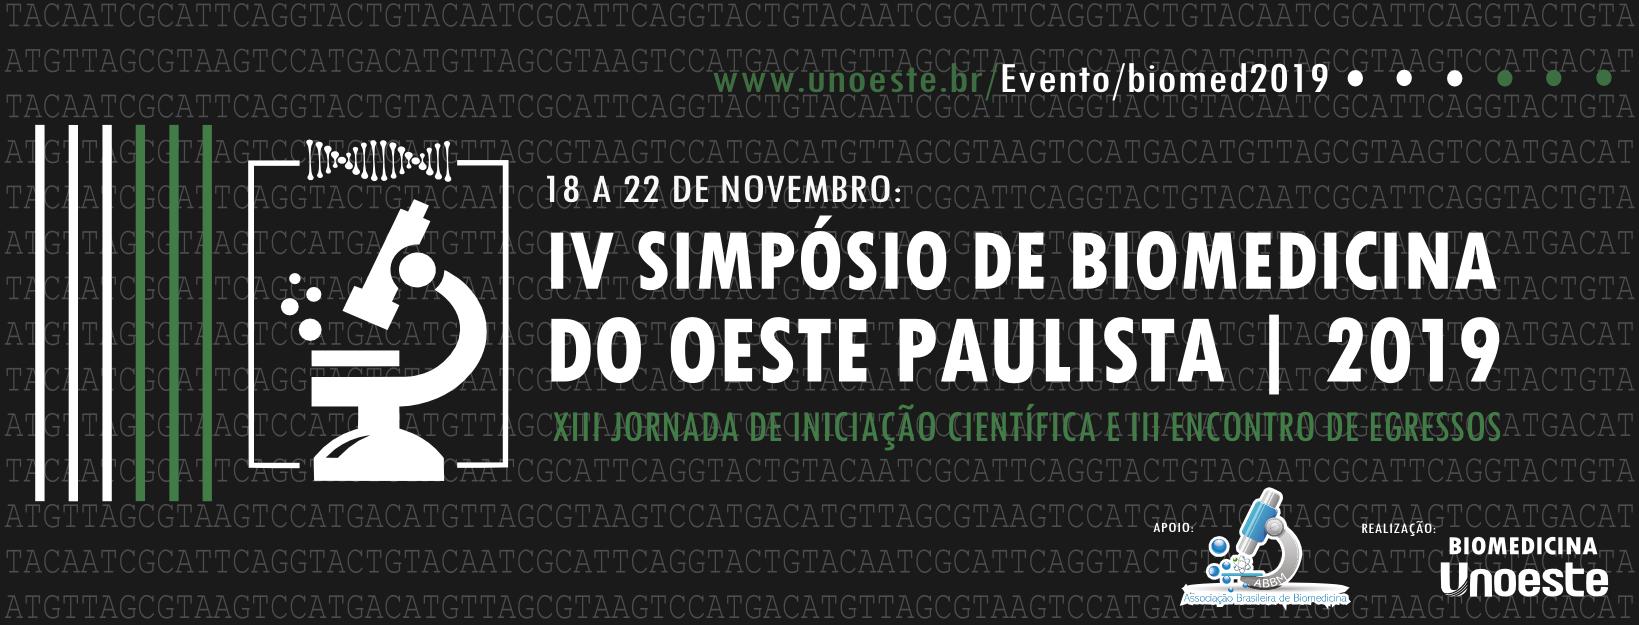 VI SIMPÓSIO DE BIOMEDICINA DO OSTE PAULISTA - 2019